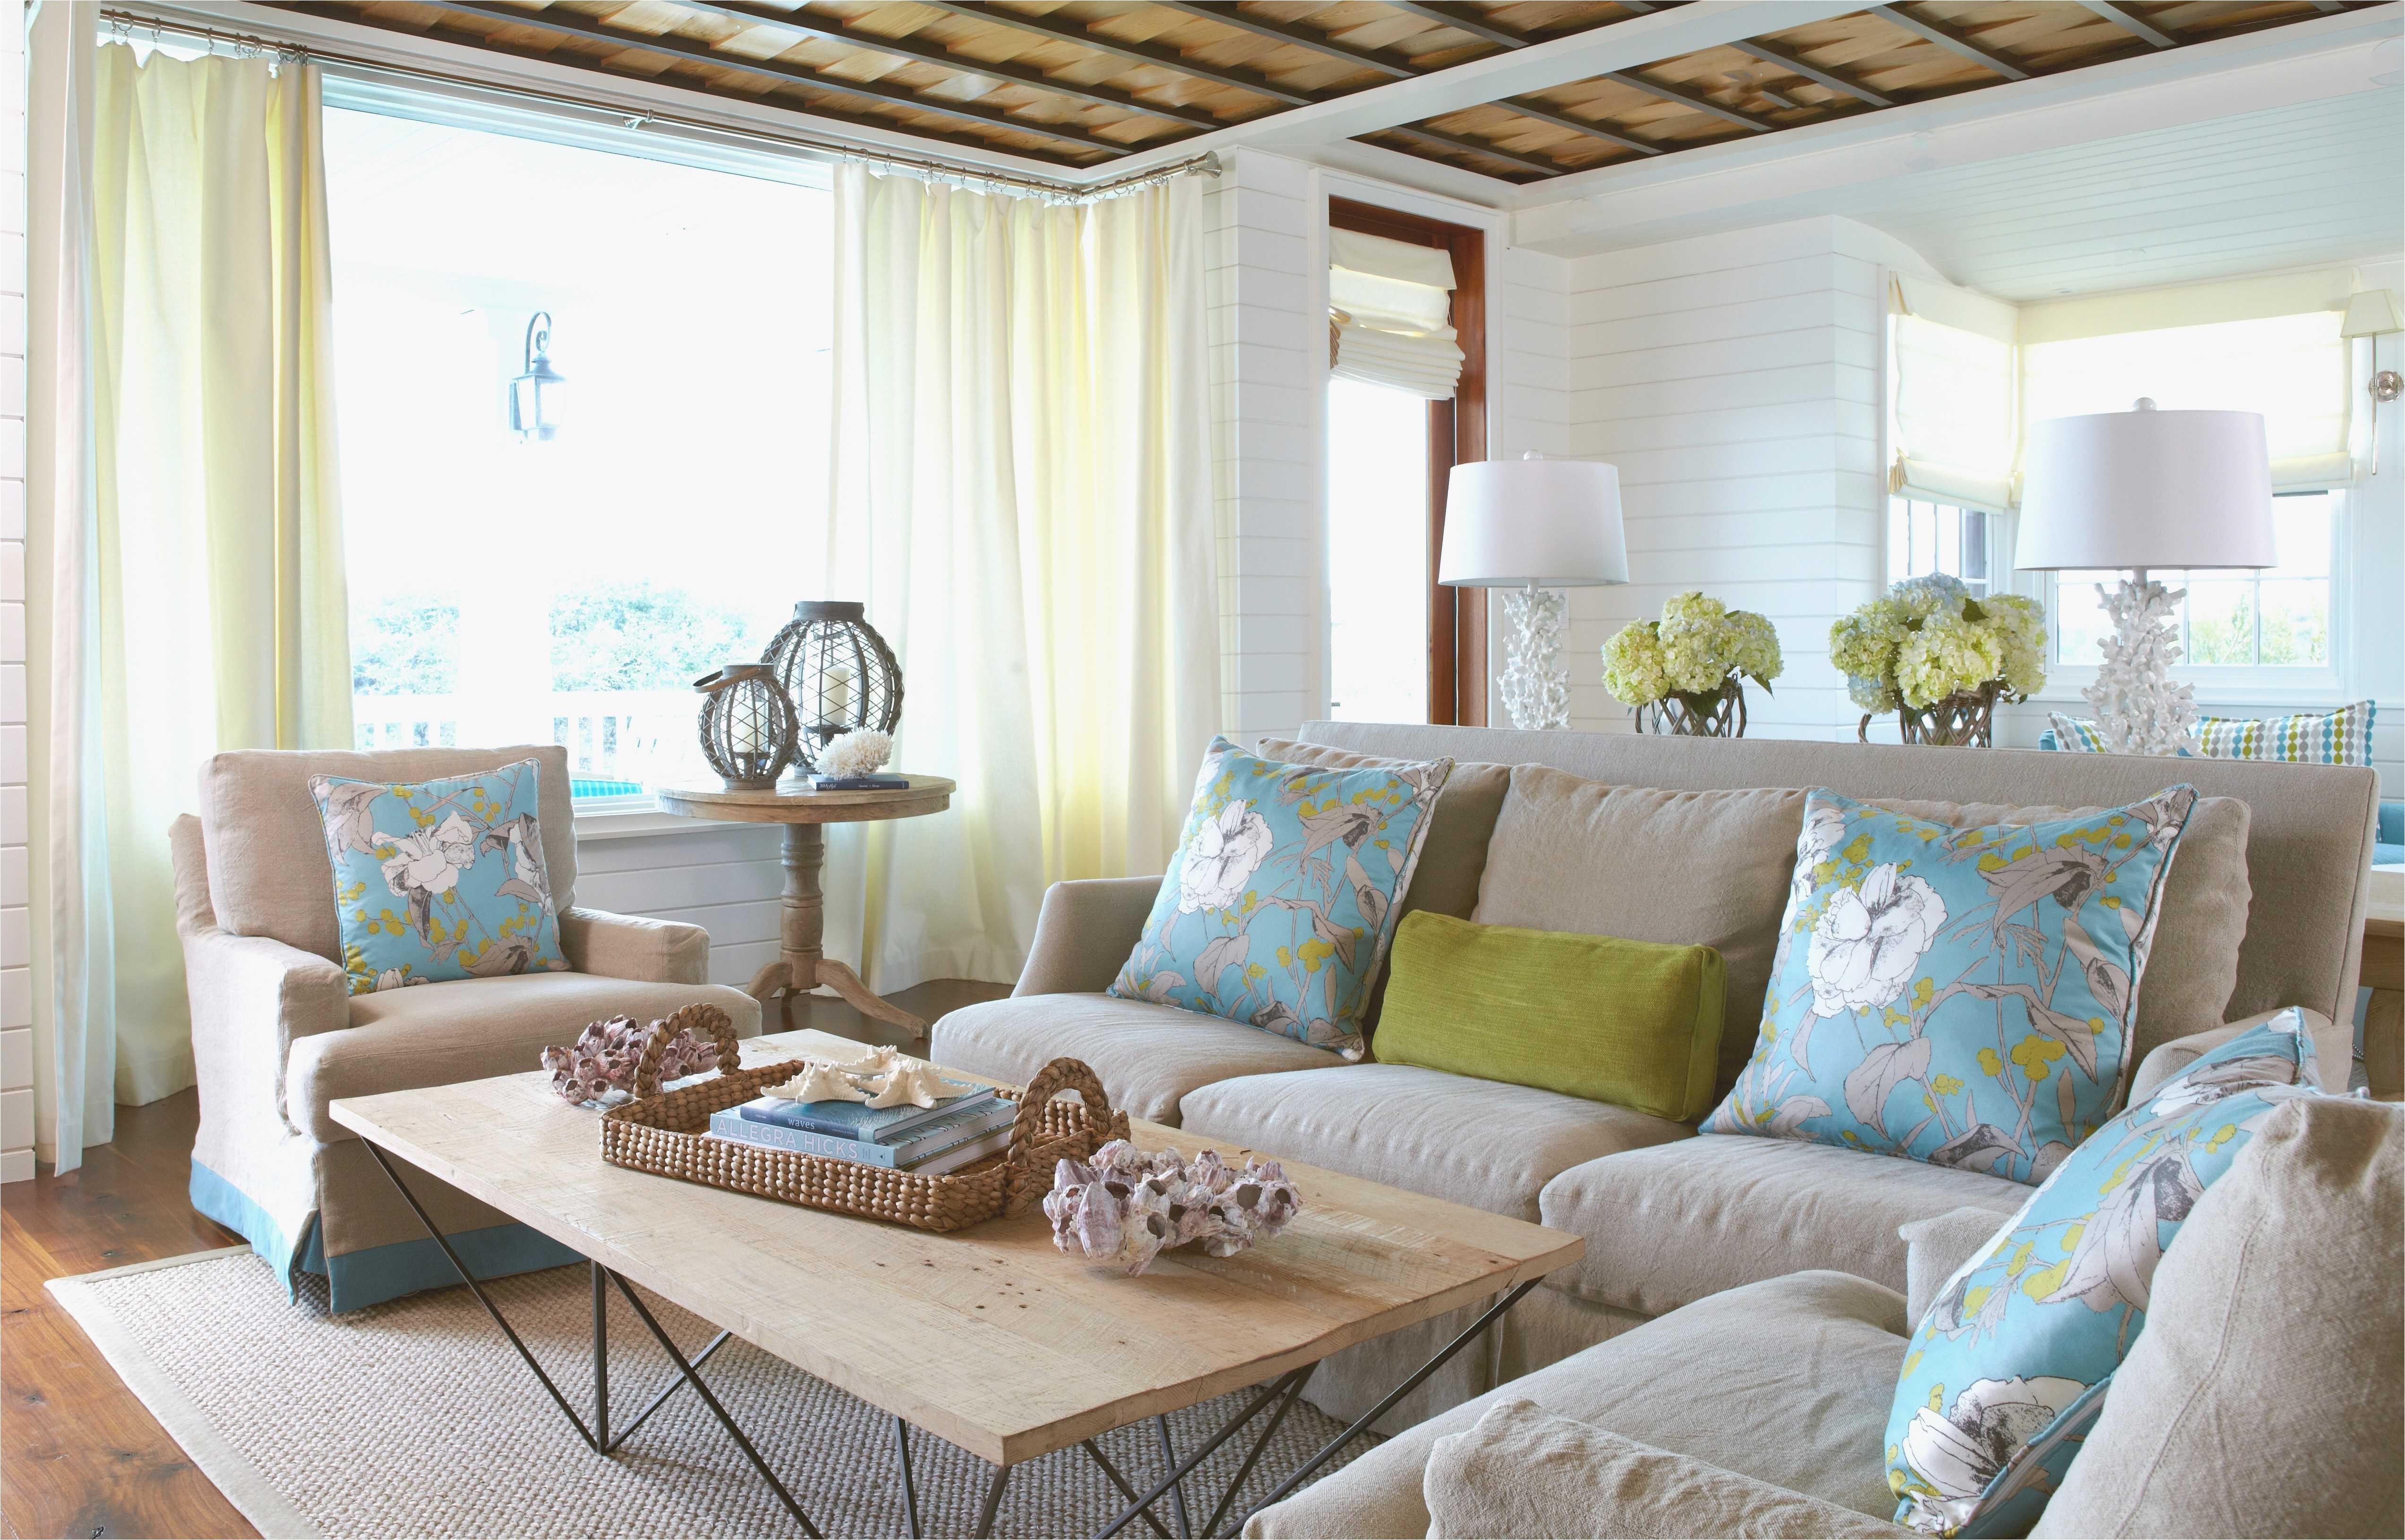 Decoracion de casas peque as por dentro casa rustica for Decoracion de casas rusticas pequenas